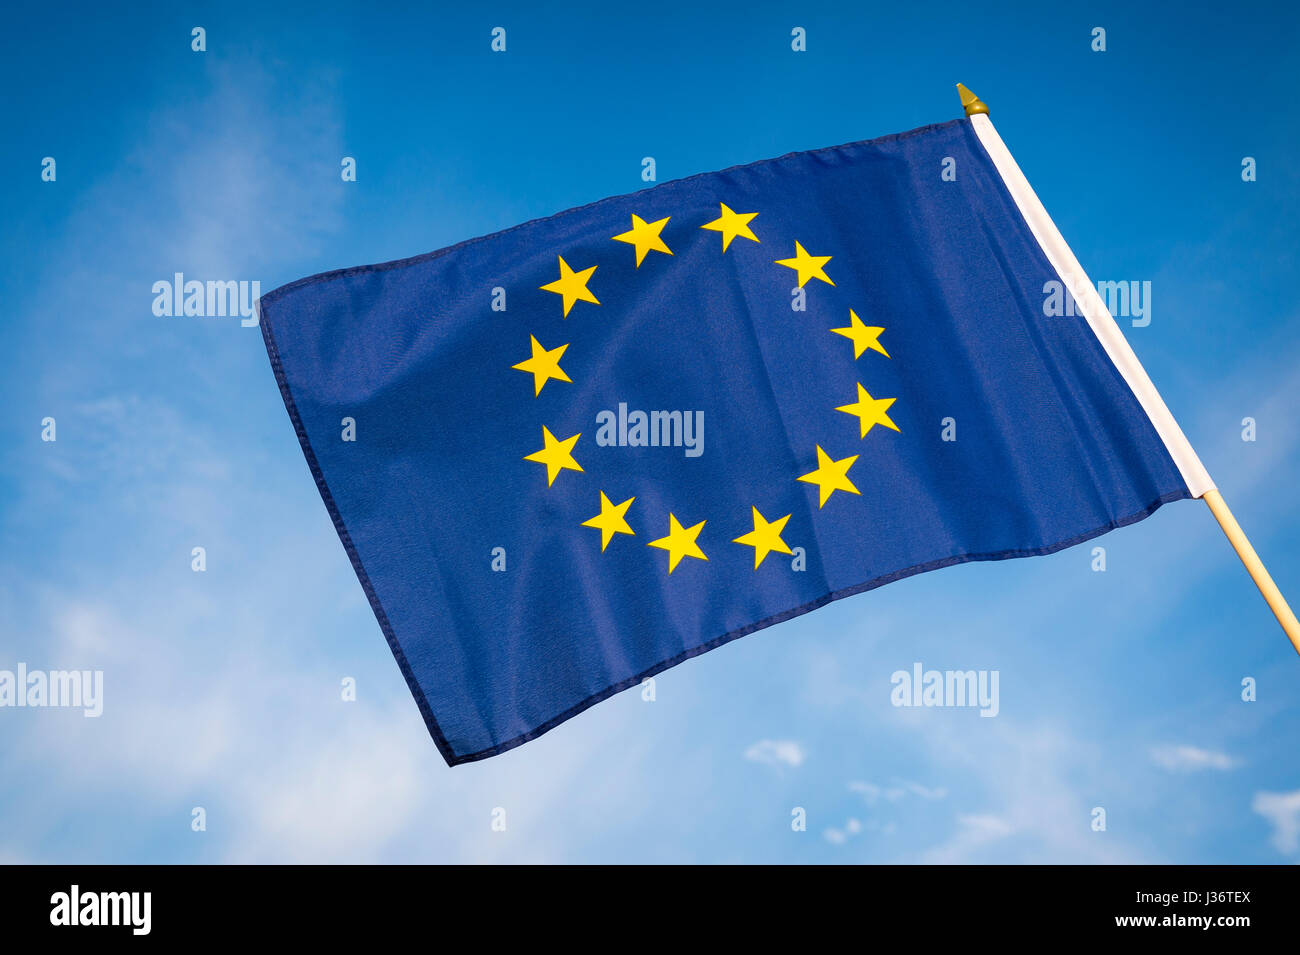 Ue Unione Europea bandiera all'aperto nel luminoso cielo blu Immagini Stock